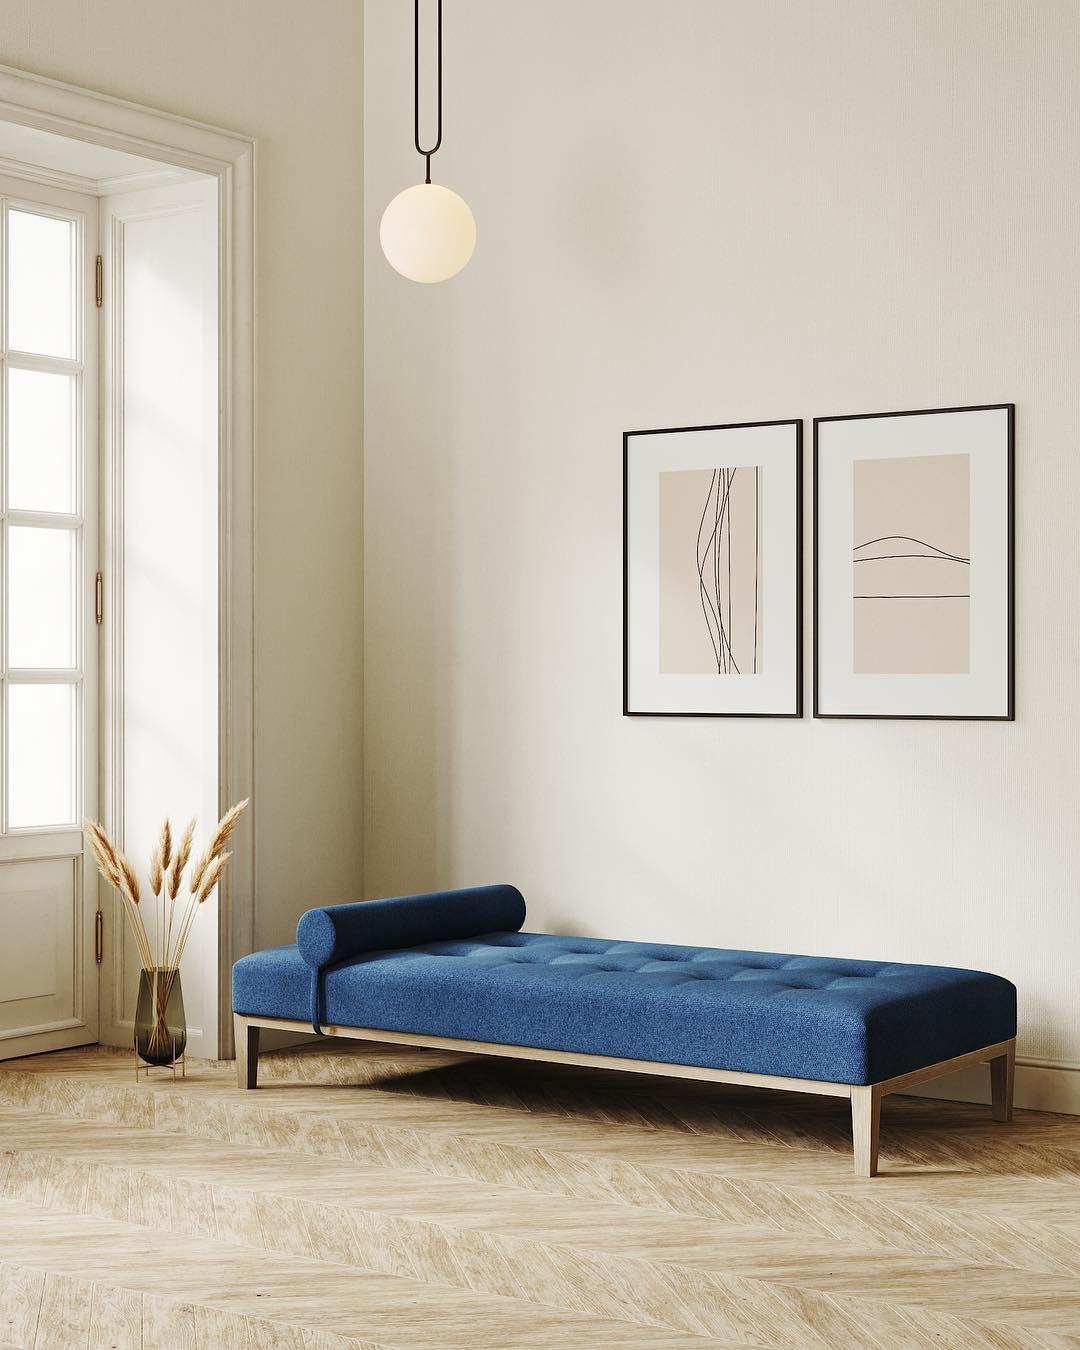 Chaises Modele 83 Par Niels Otto Moller Lot De 4 En 2020 Canape Moelleux Mobilier De Salon Chaise Design